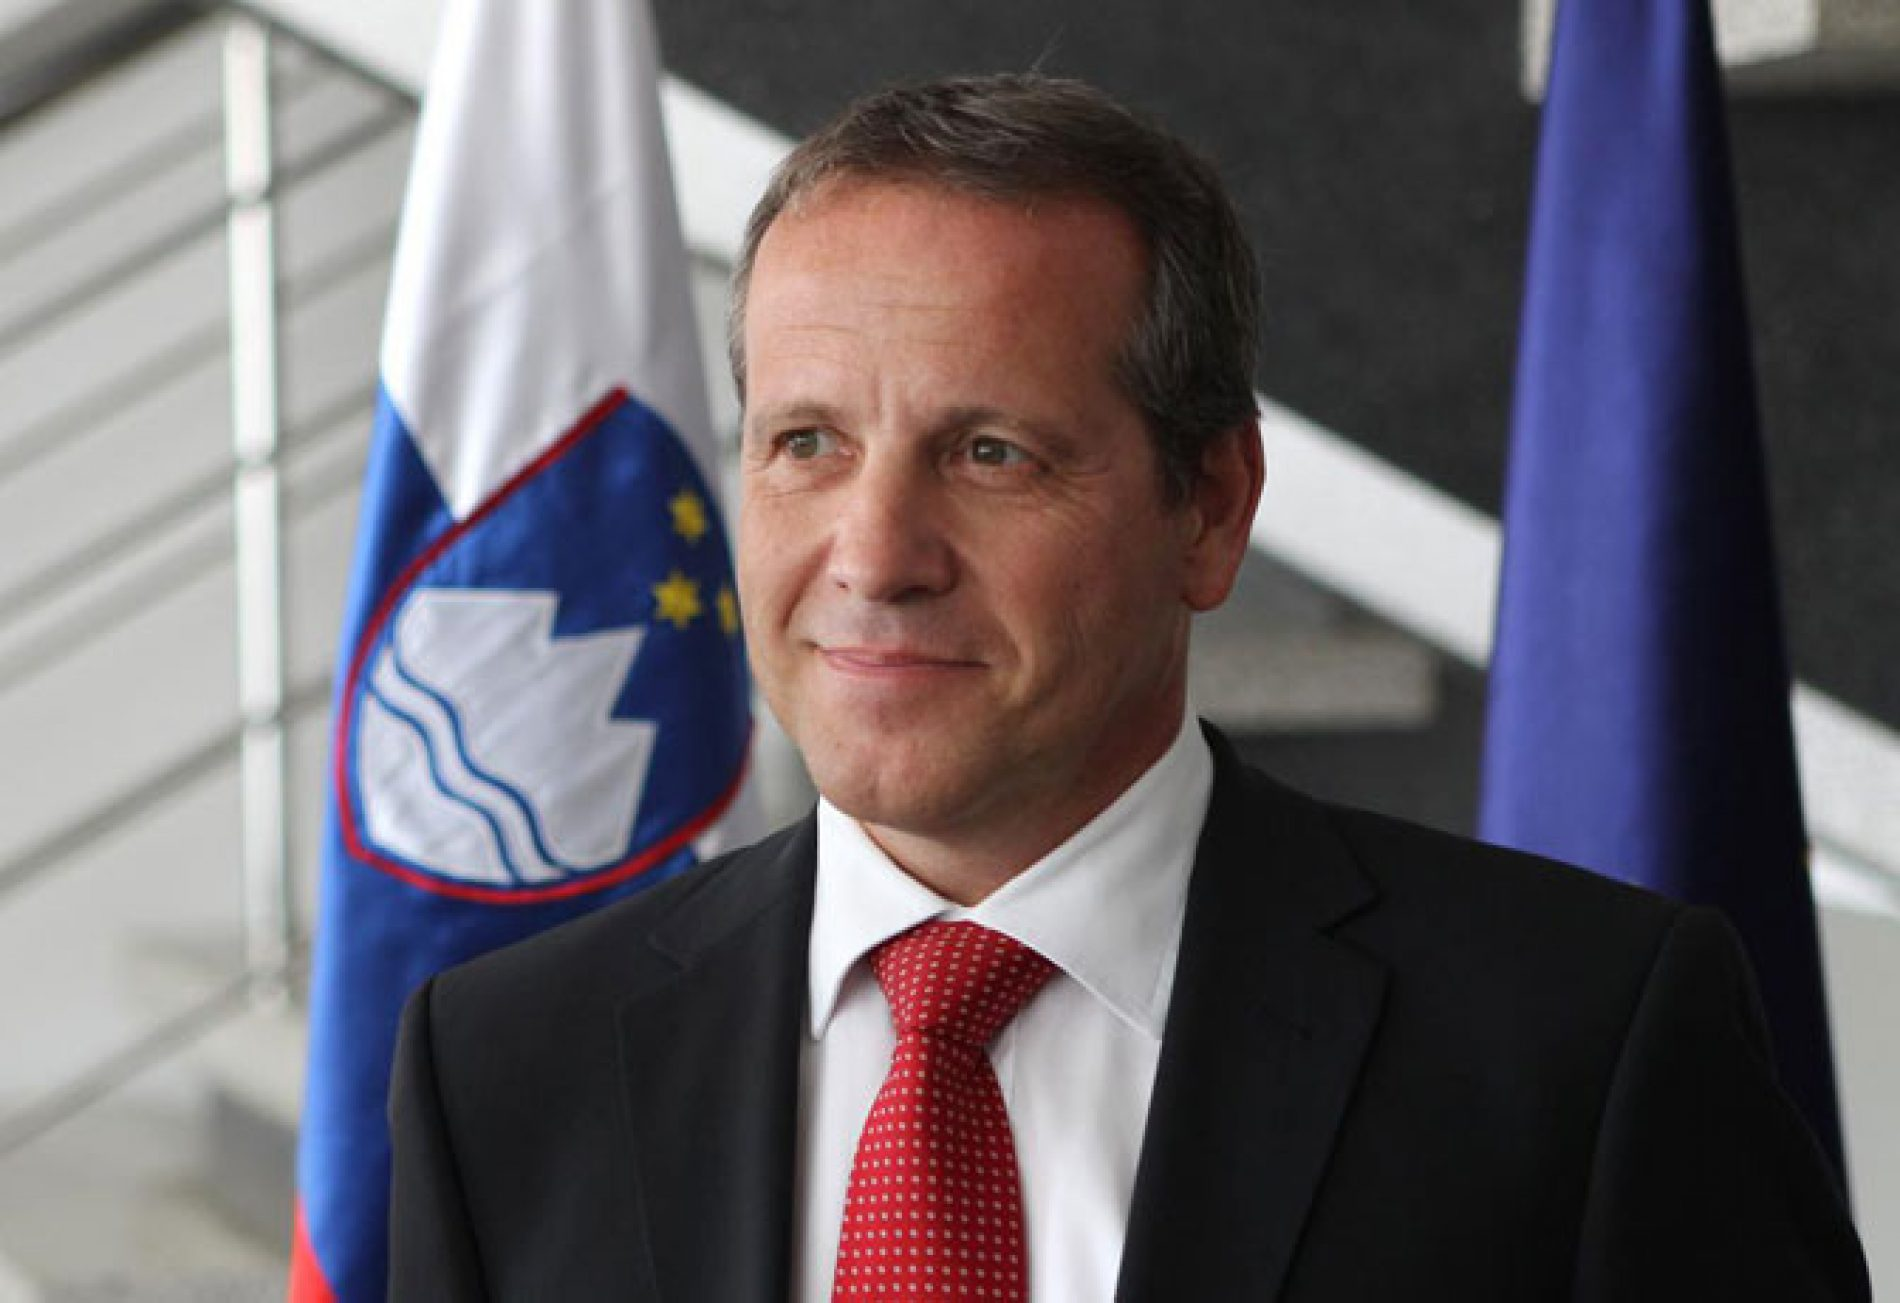 Igor Šoltes, unuk Edvarda Kardelja – čovjek koji je u EP-u podnio amandman za genocid